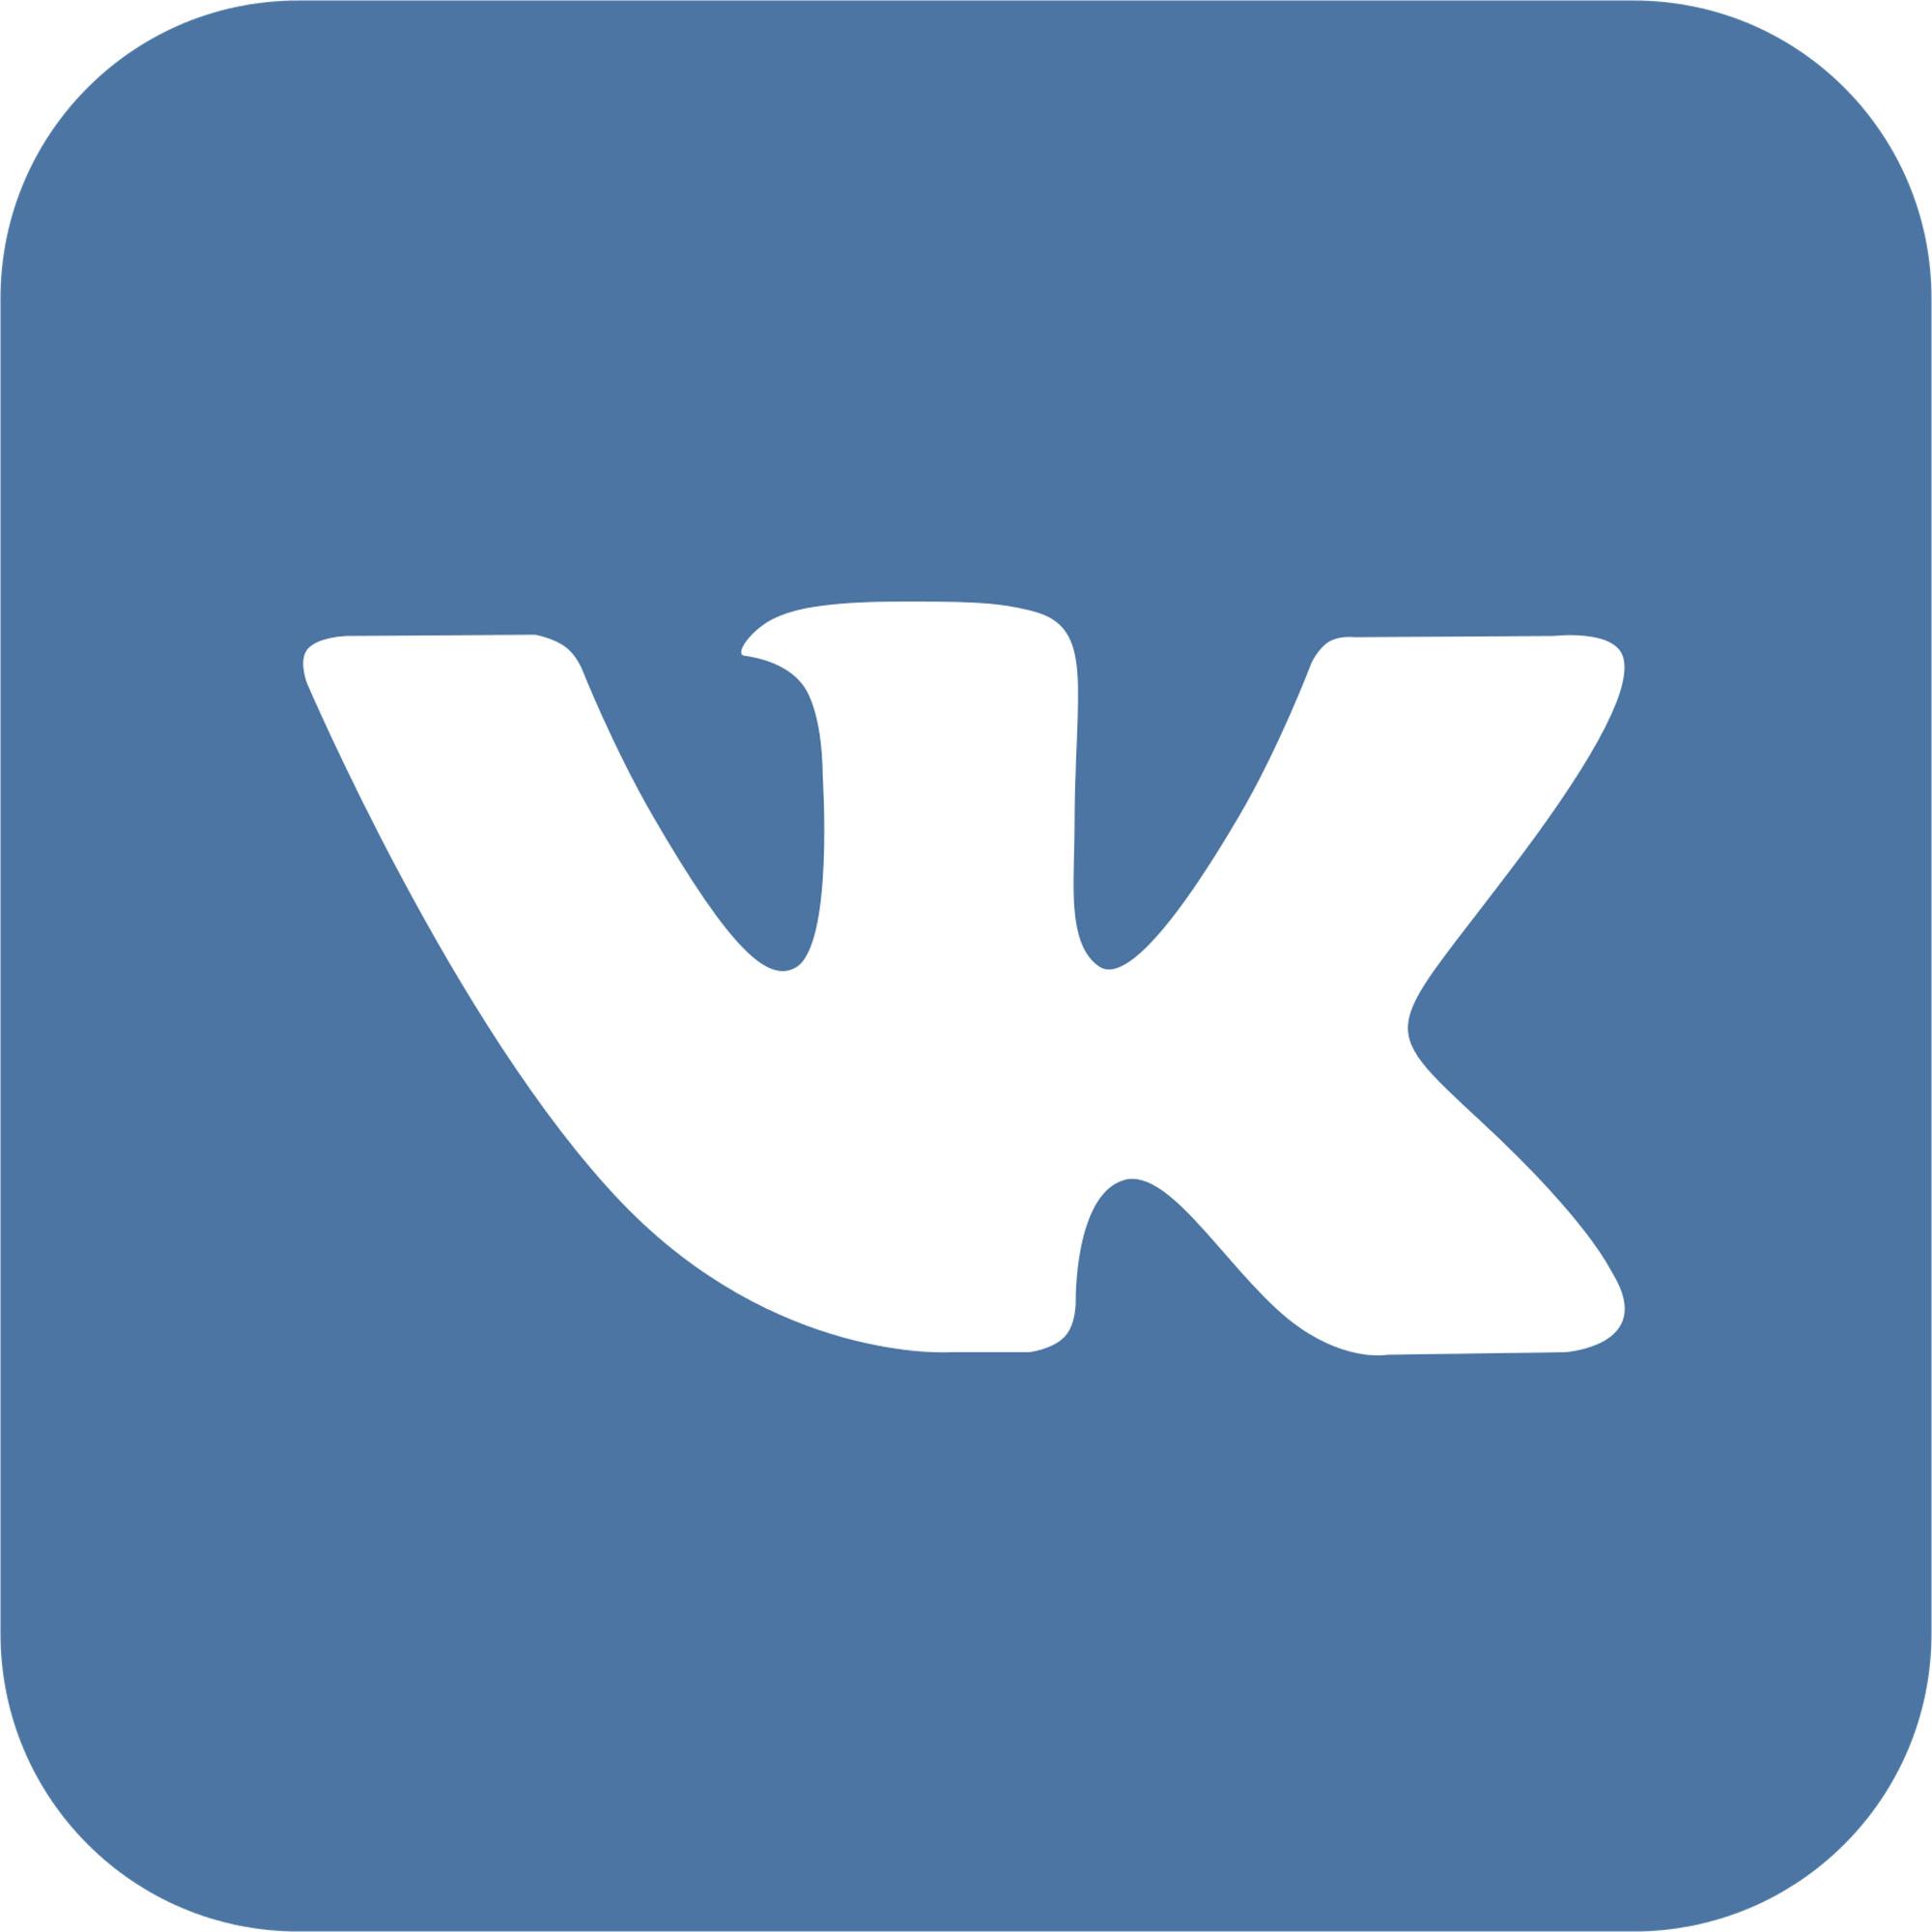 Отзывы в соц.сети VK